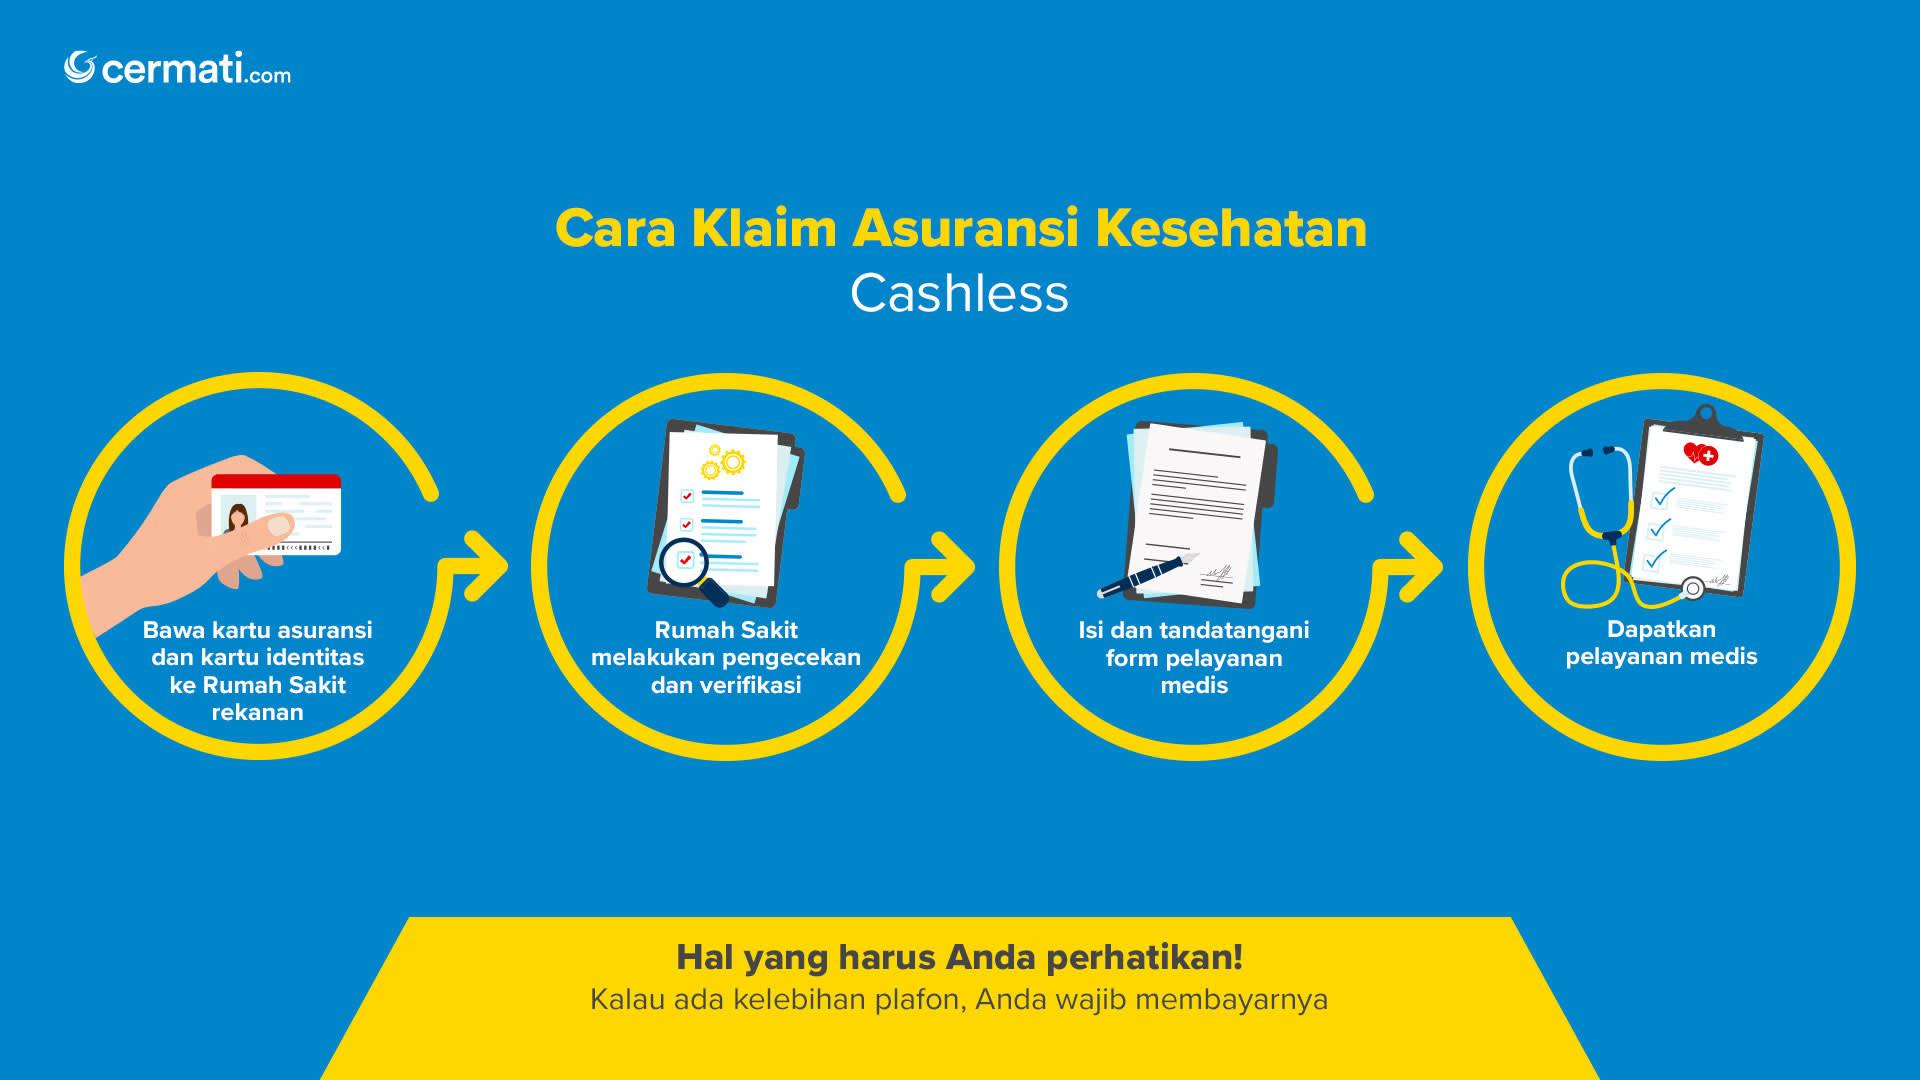 Cara Klaim Asuransi Kesehatan (Cashless)-Dekstop